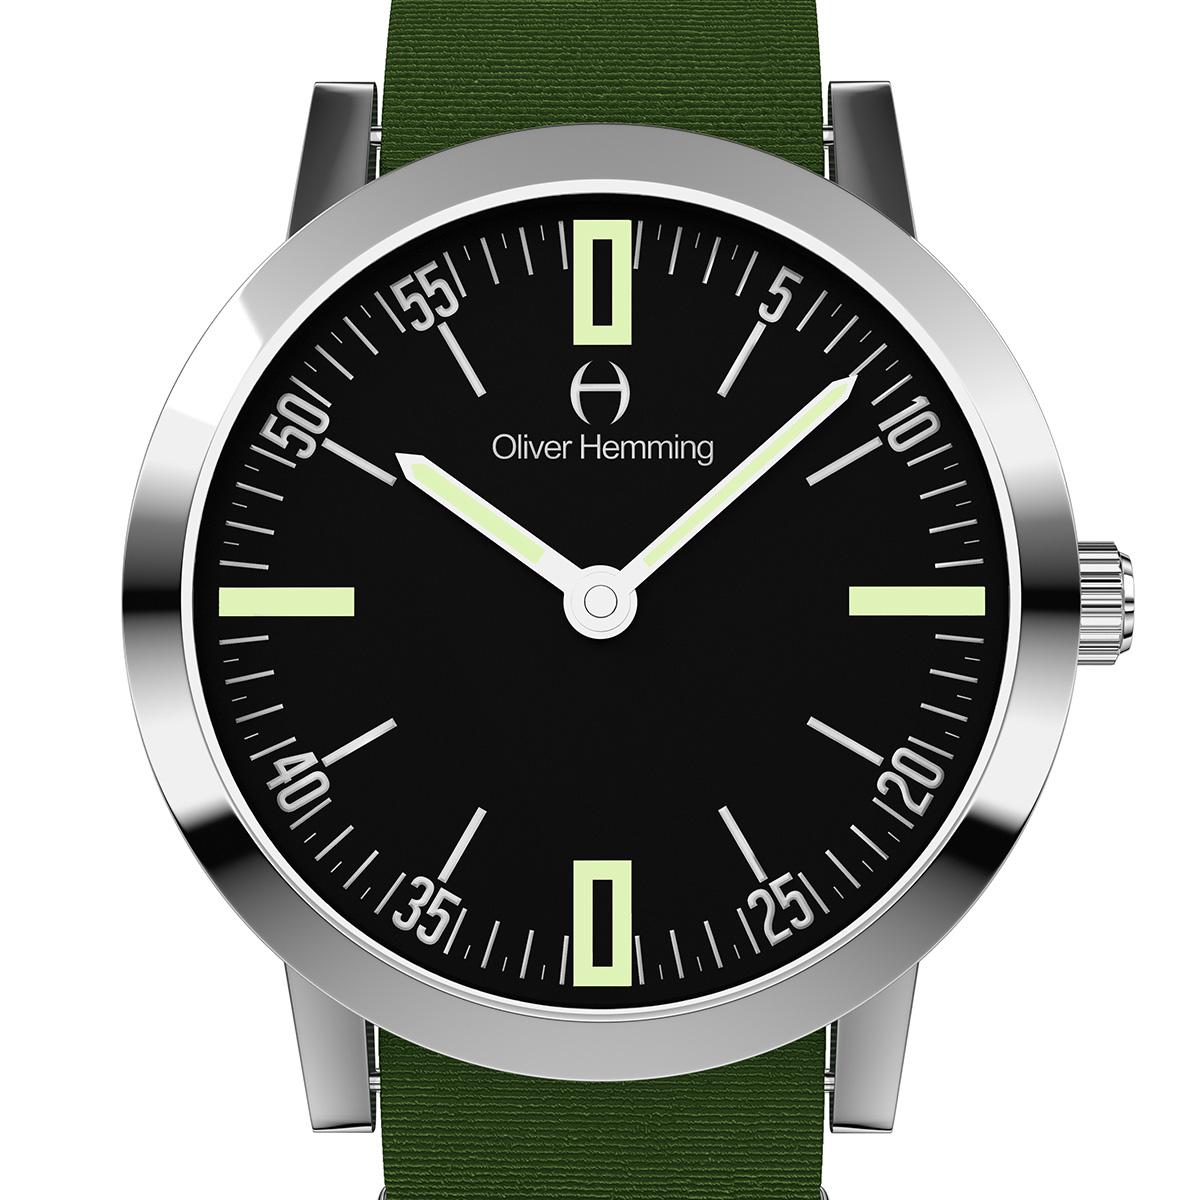 【残り1点】Oliver Hemming オリバーヘミング クォーツ 腕時計 イギリス アート デザイン [WT18S45BANC] 正規代理店品 純正ケース メーカー保証